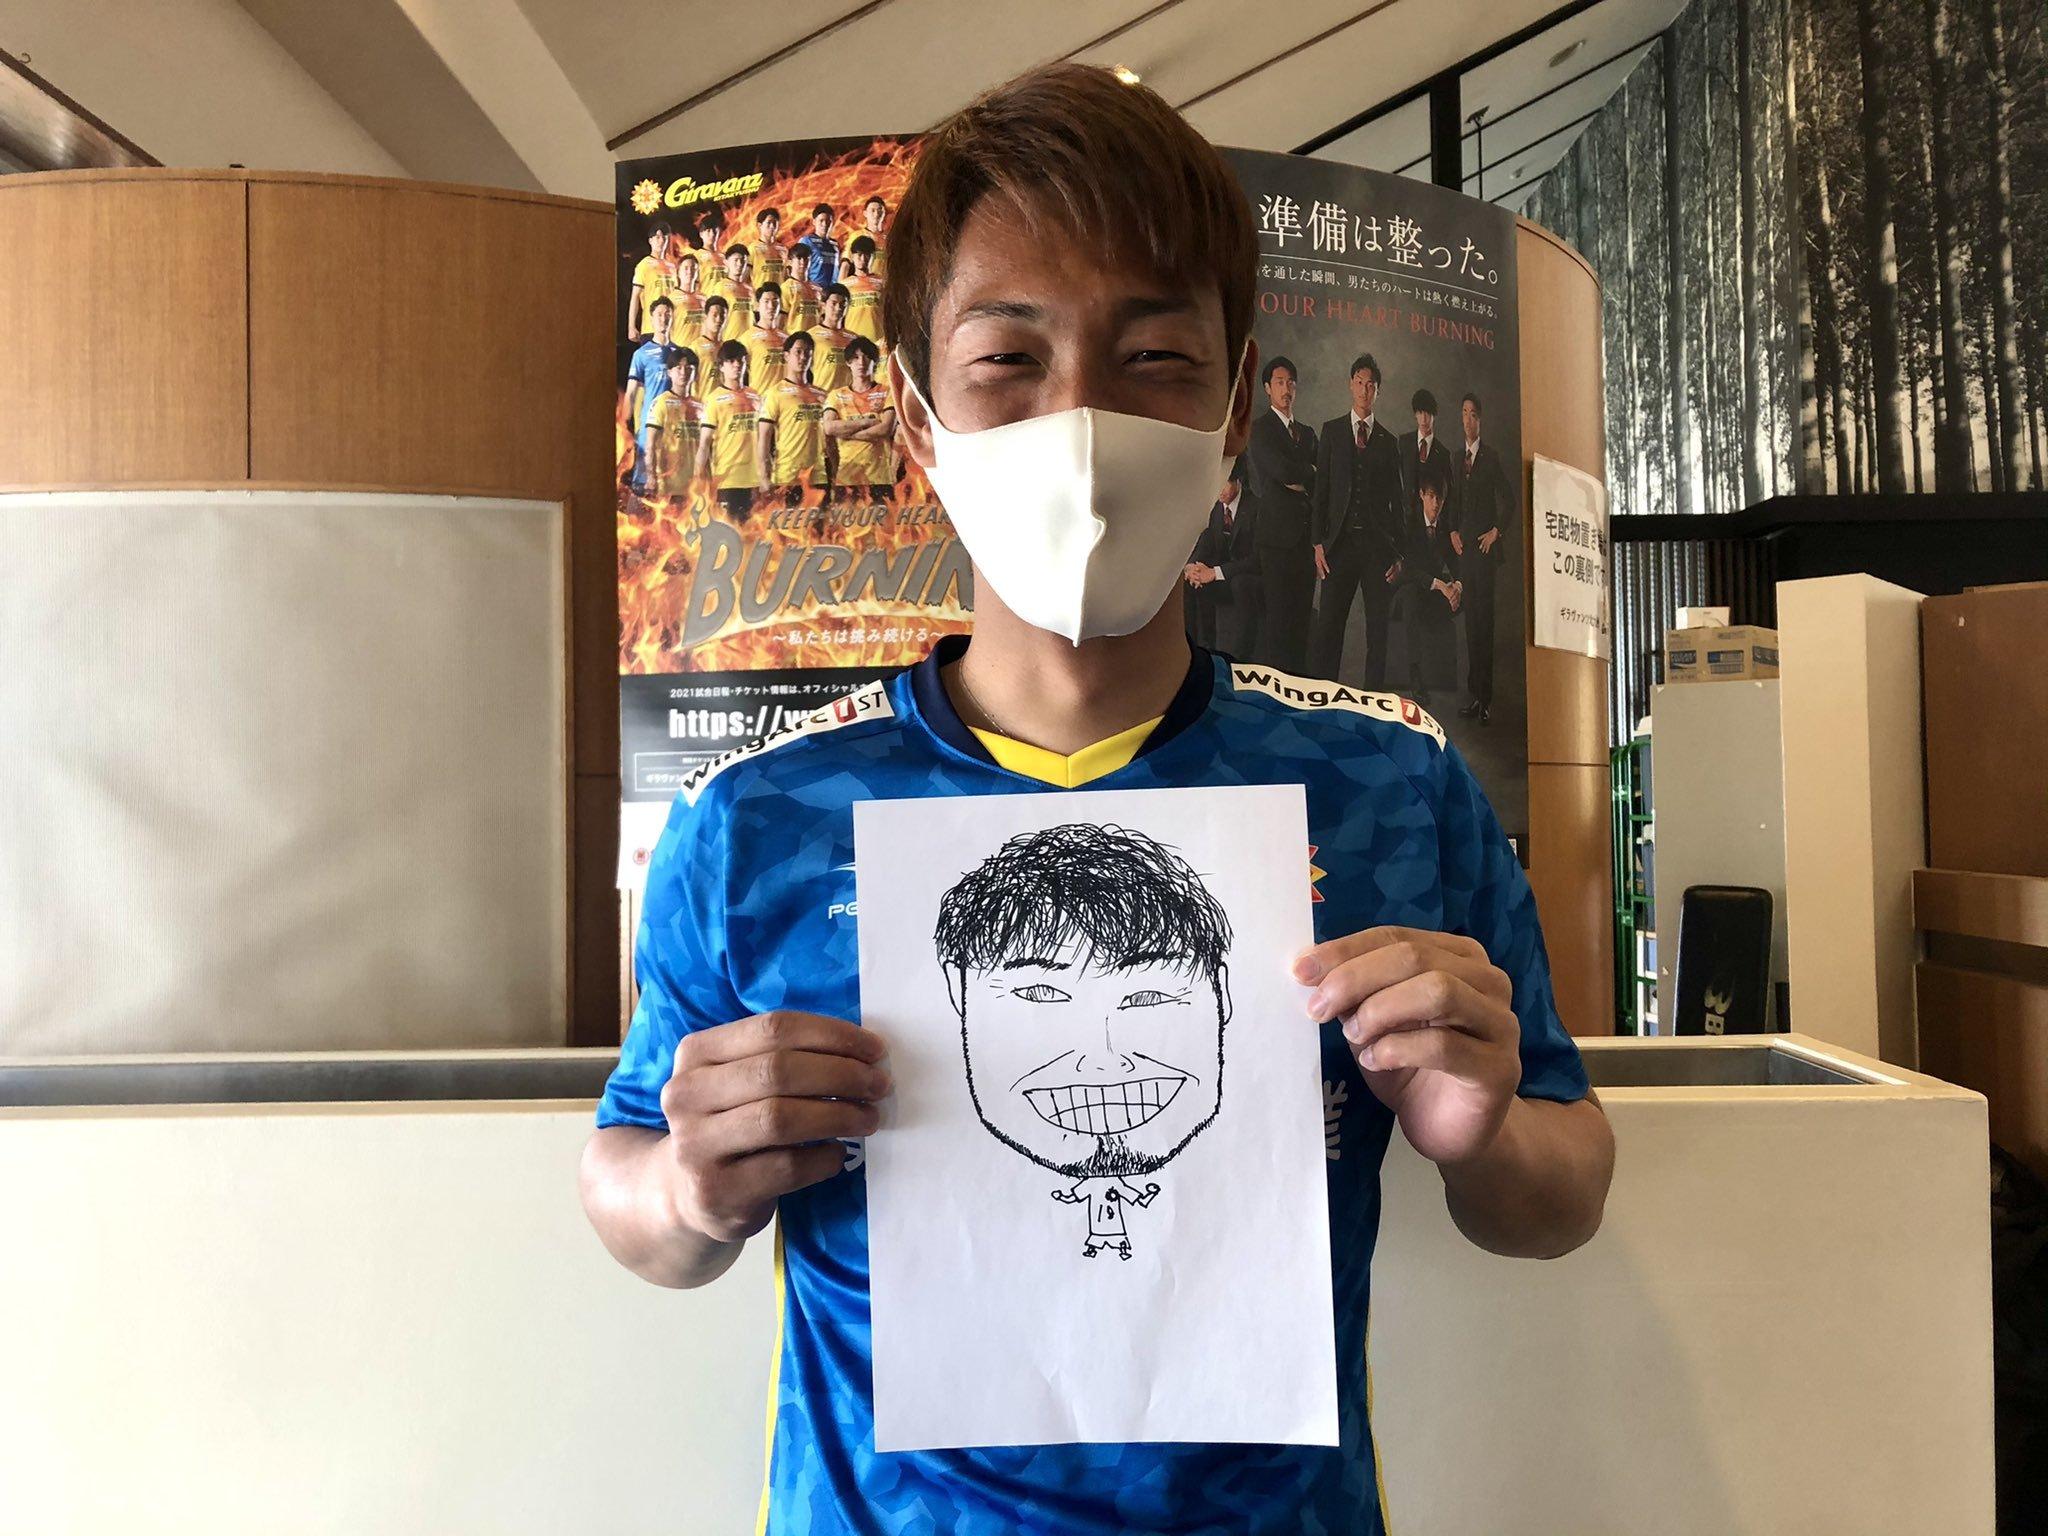 Чемпионат по обжорству и конкурс детских рисунков: как японский клуб заманивает болельщиков (+Фото, Видео) - изображение 12